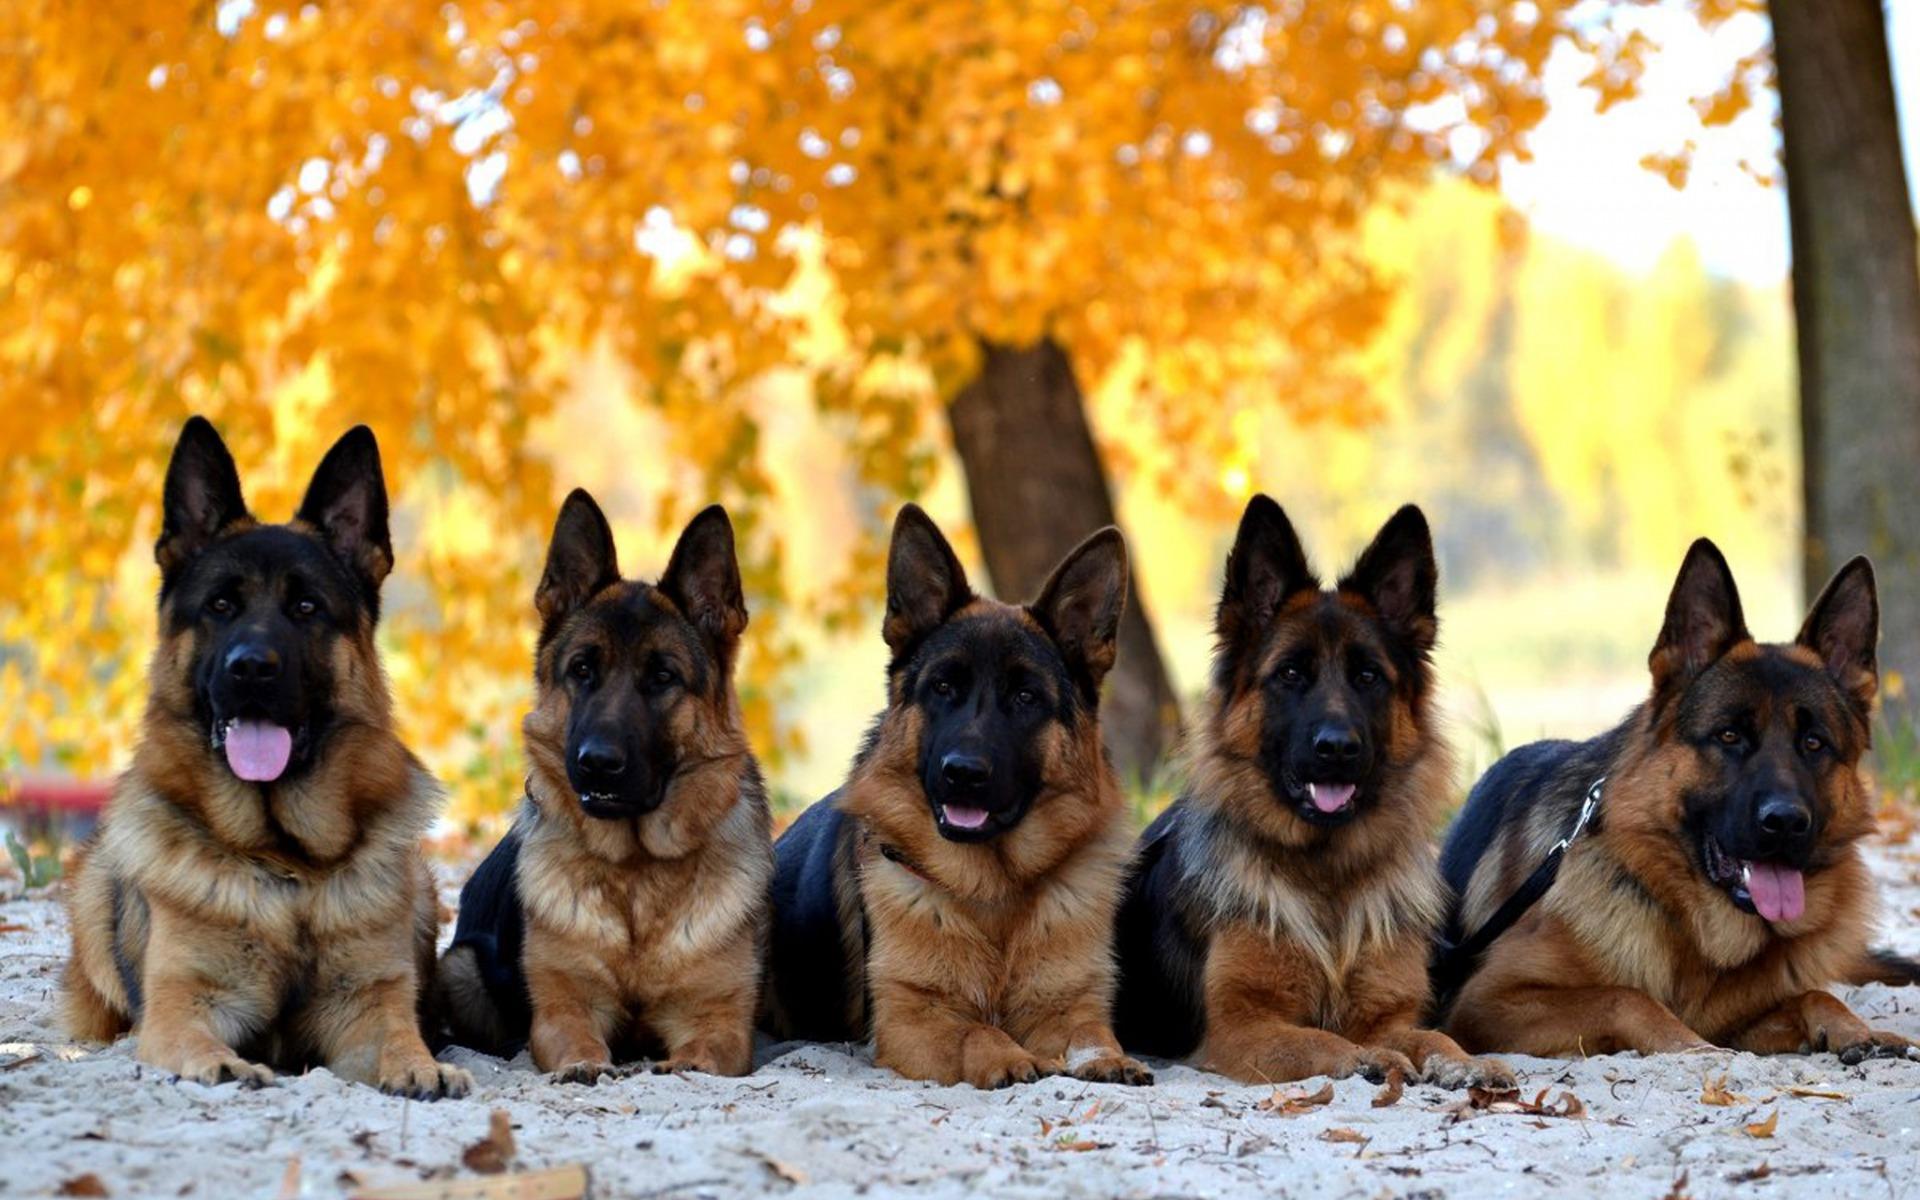 картинки про собак овчарок маленьких грубой солдатской формой